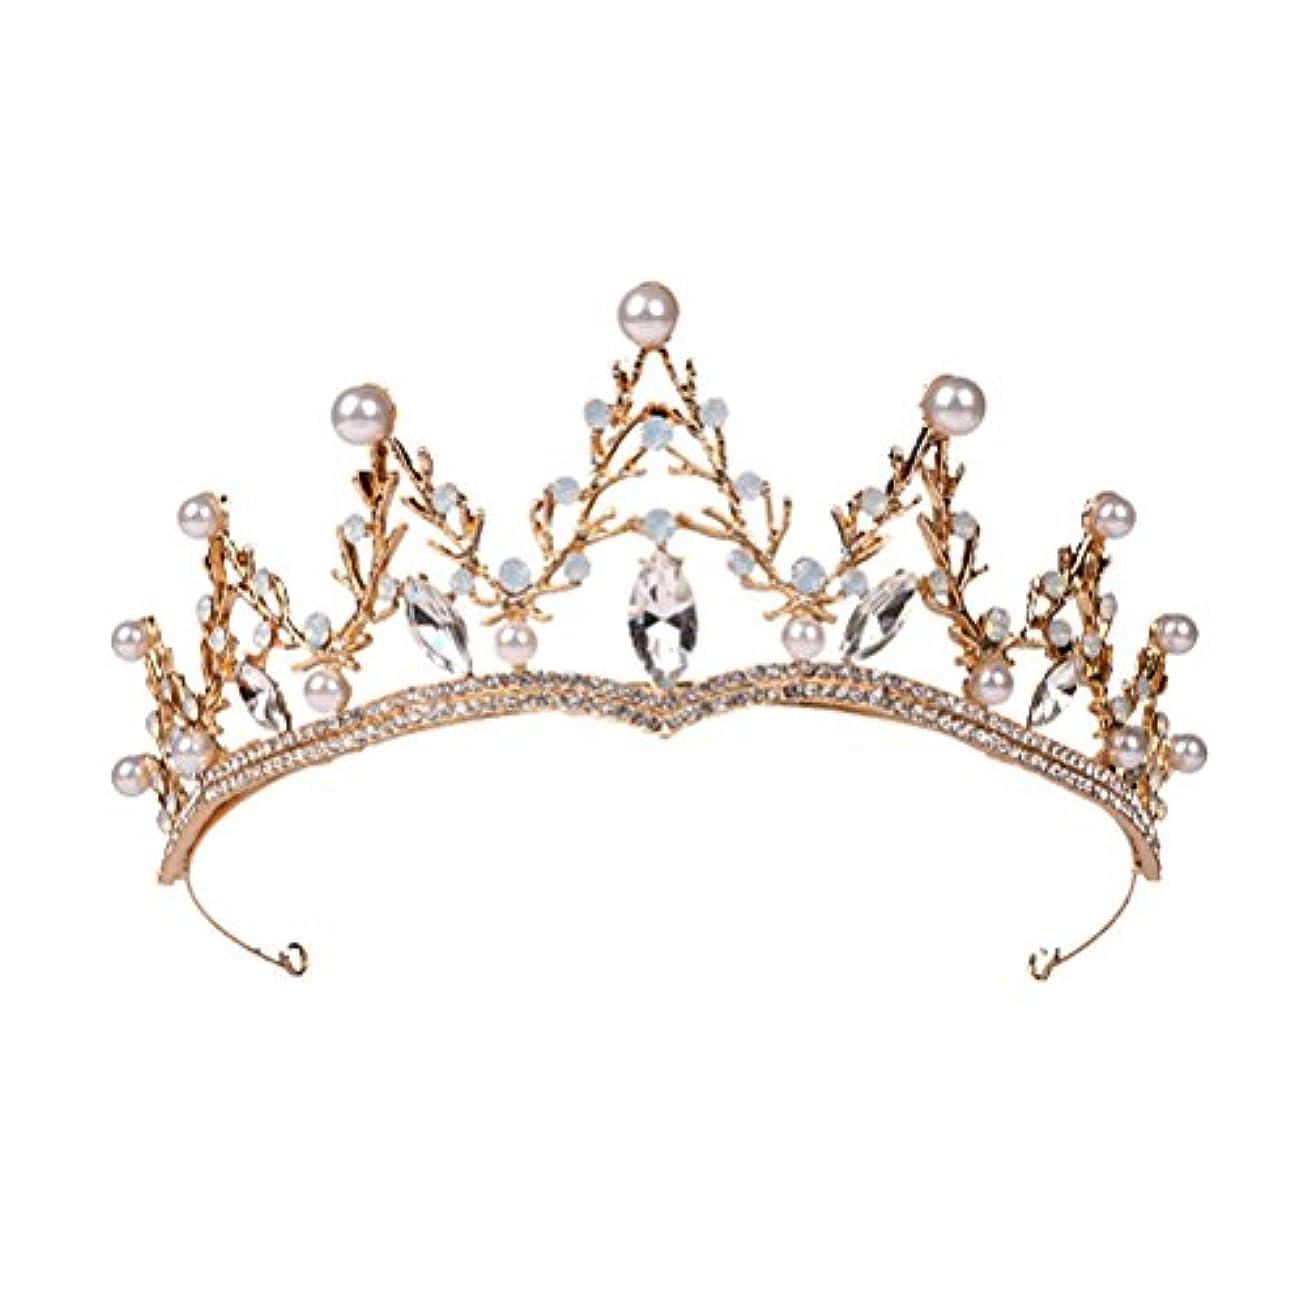 見かけ上気絶させる征服者LUOEM ブライダル ティアラ ヘアバンド 花嫁 結婚式 ウェディング 王冠 クラウン クリスタル 髪飾り ヘアアクセサリー(ゴールド)